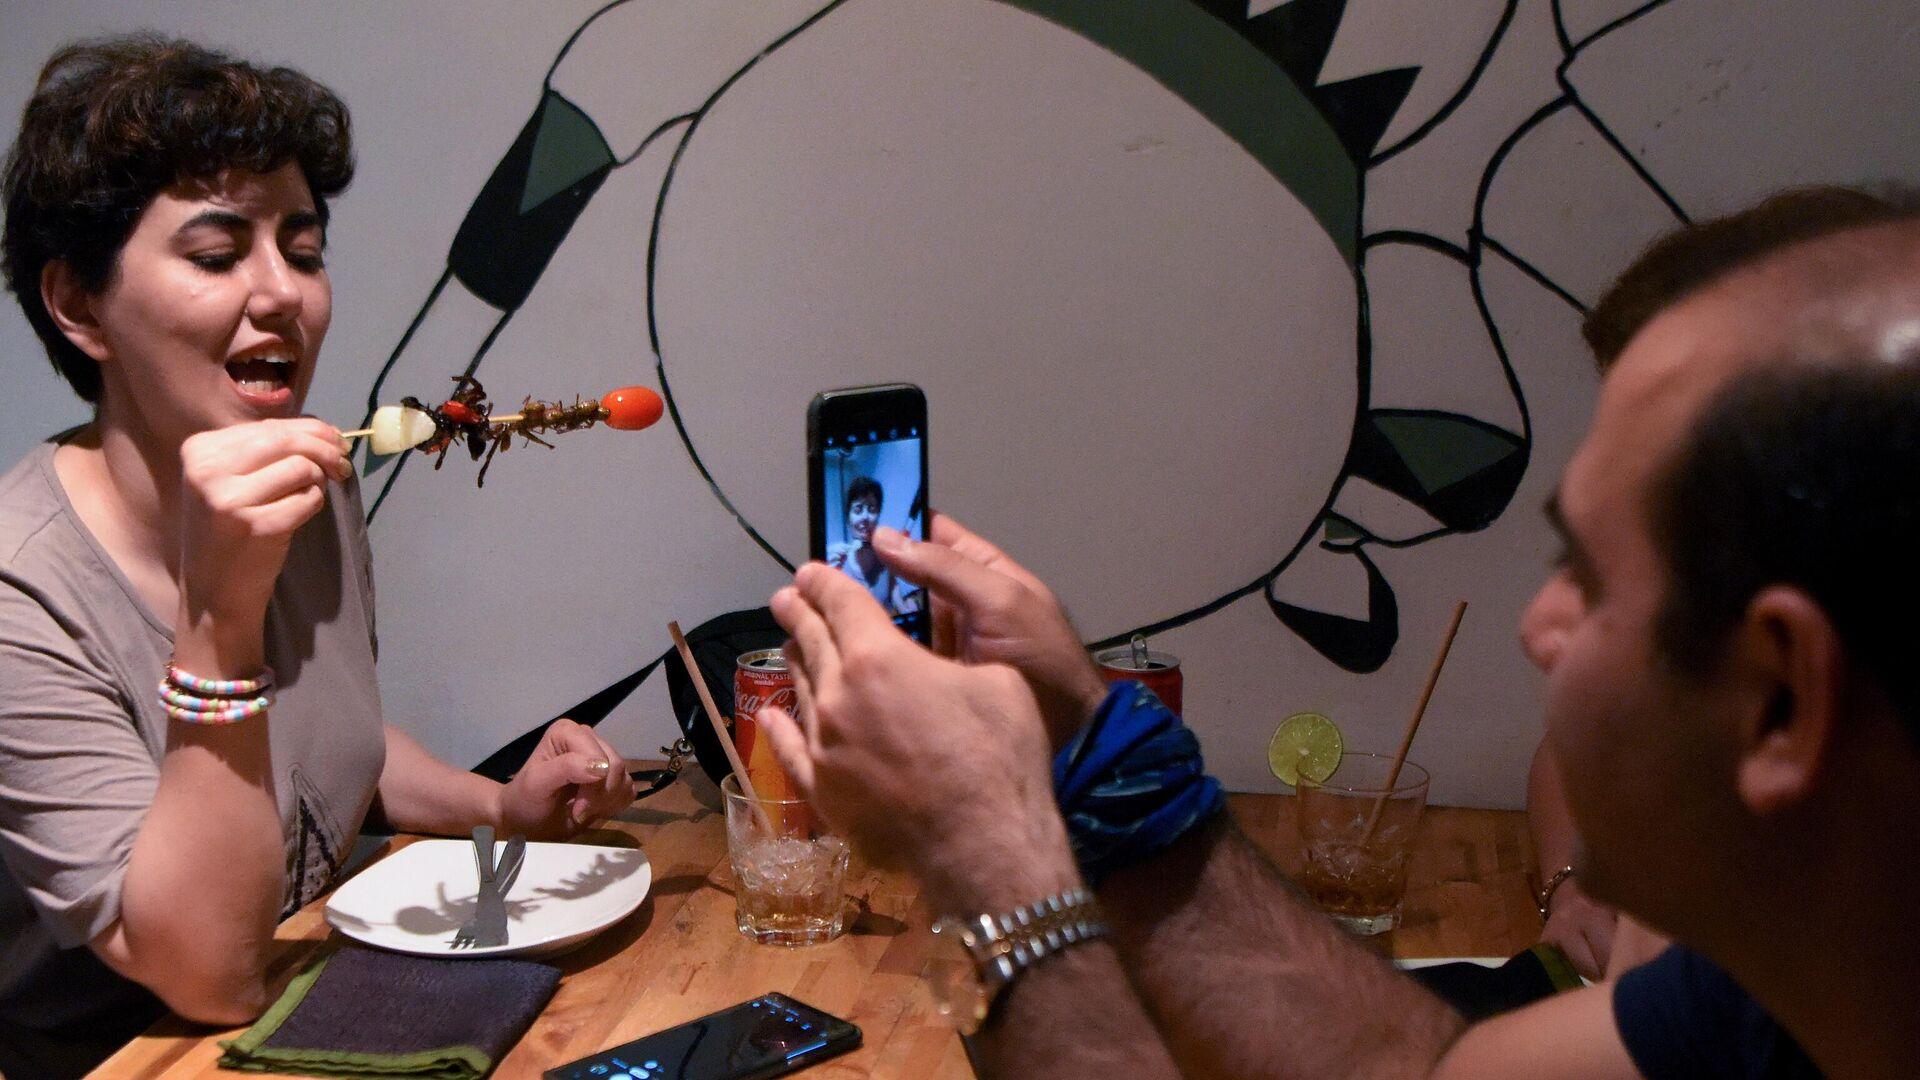 Посетительница ресторана Bugs Cafe со сверчком на шпажке - РИА Новости, 1920, 24.01.2021